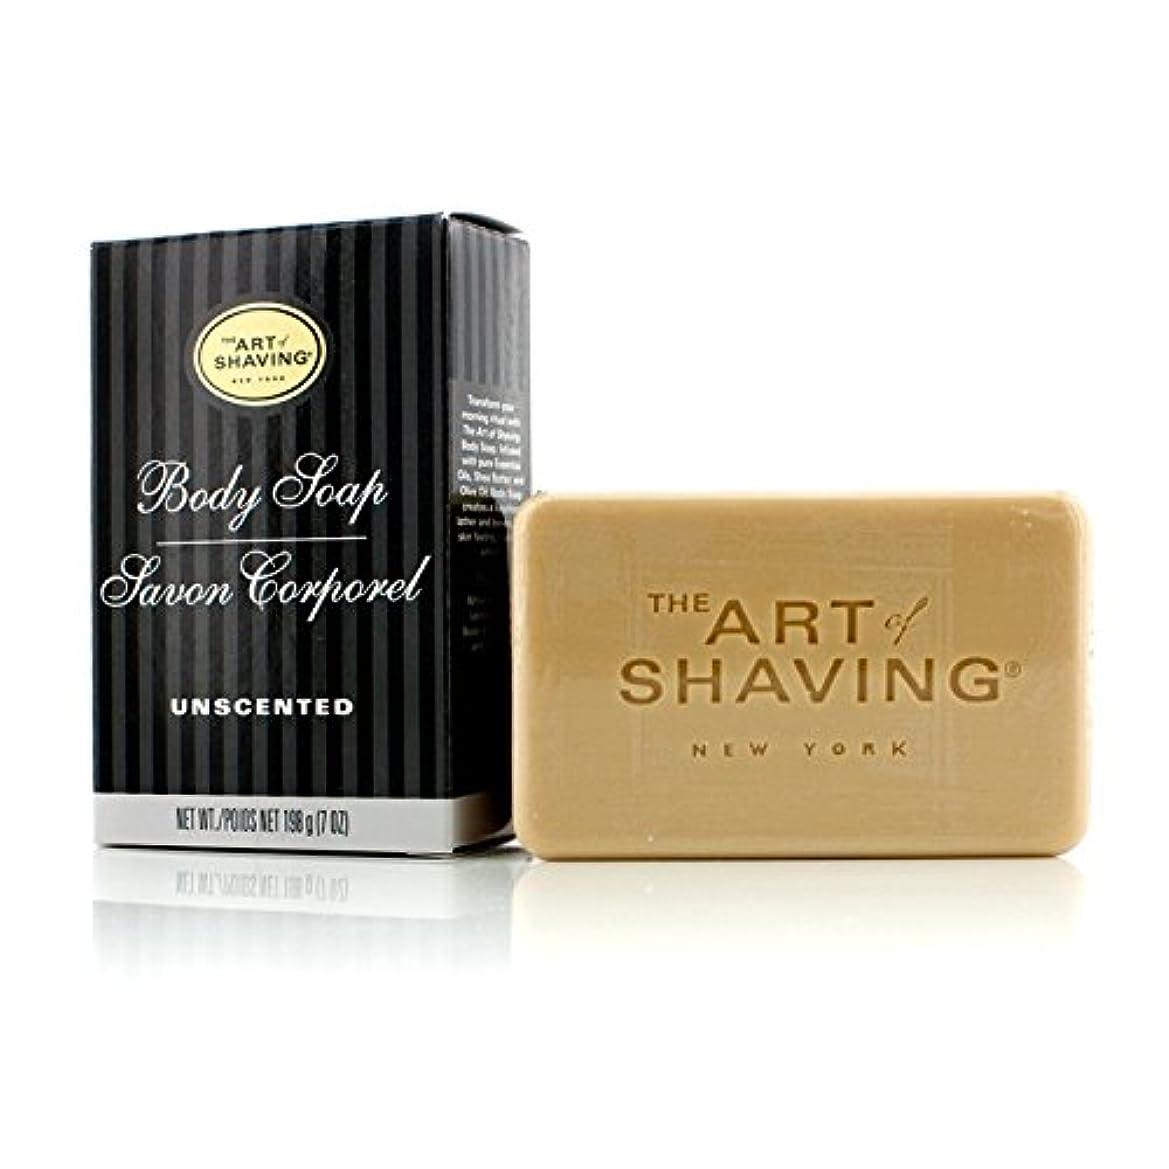 教育学陰謀再生アートオブシェービング Body Soap - Unscented 198g/7oz並行輸入品